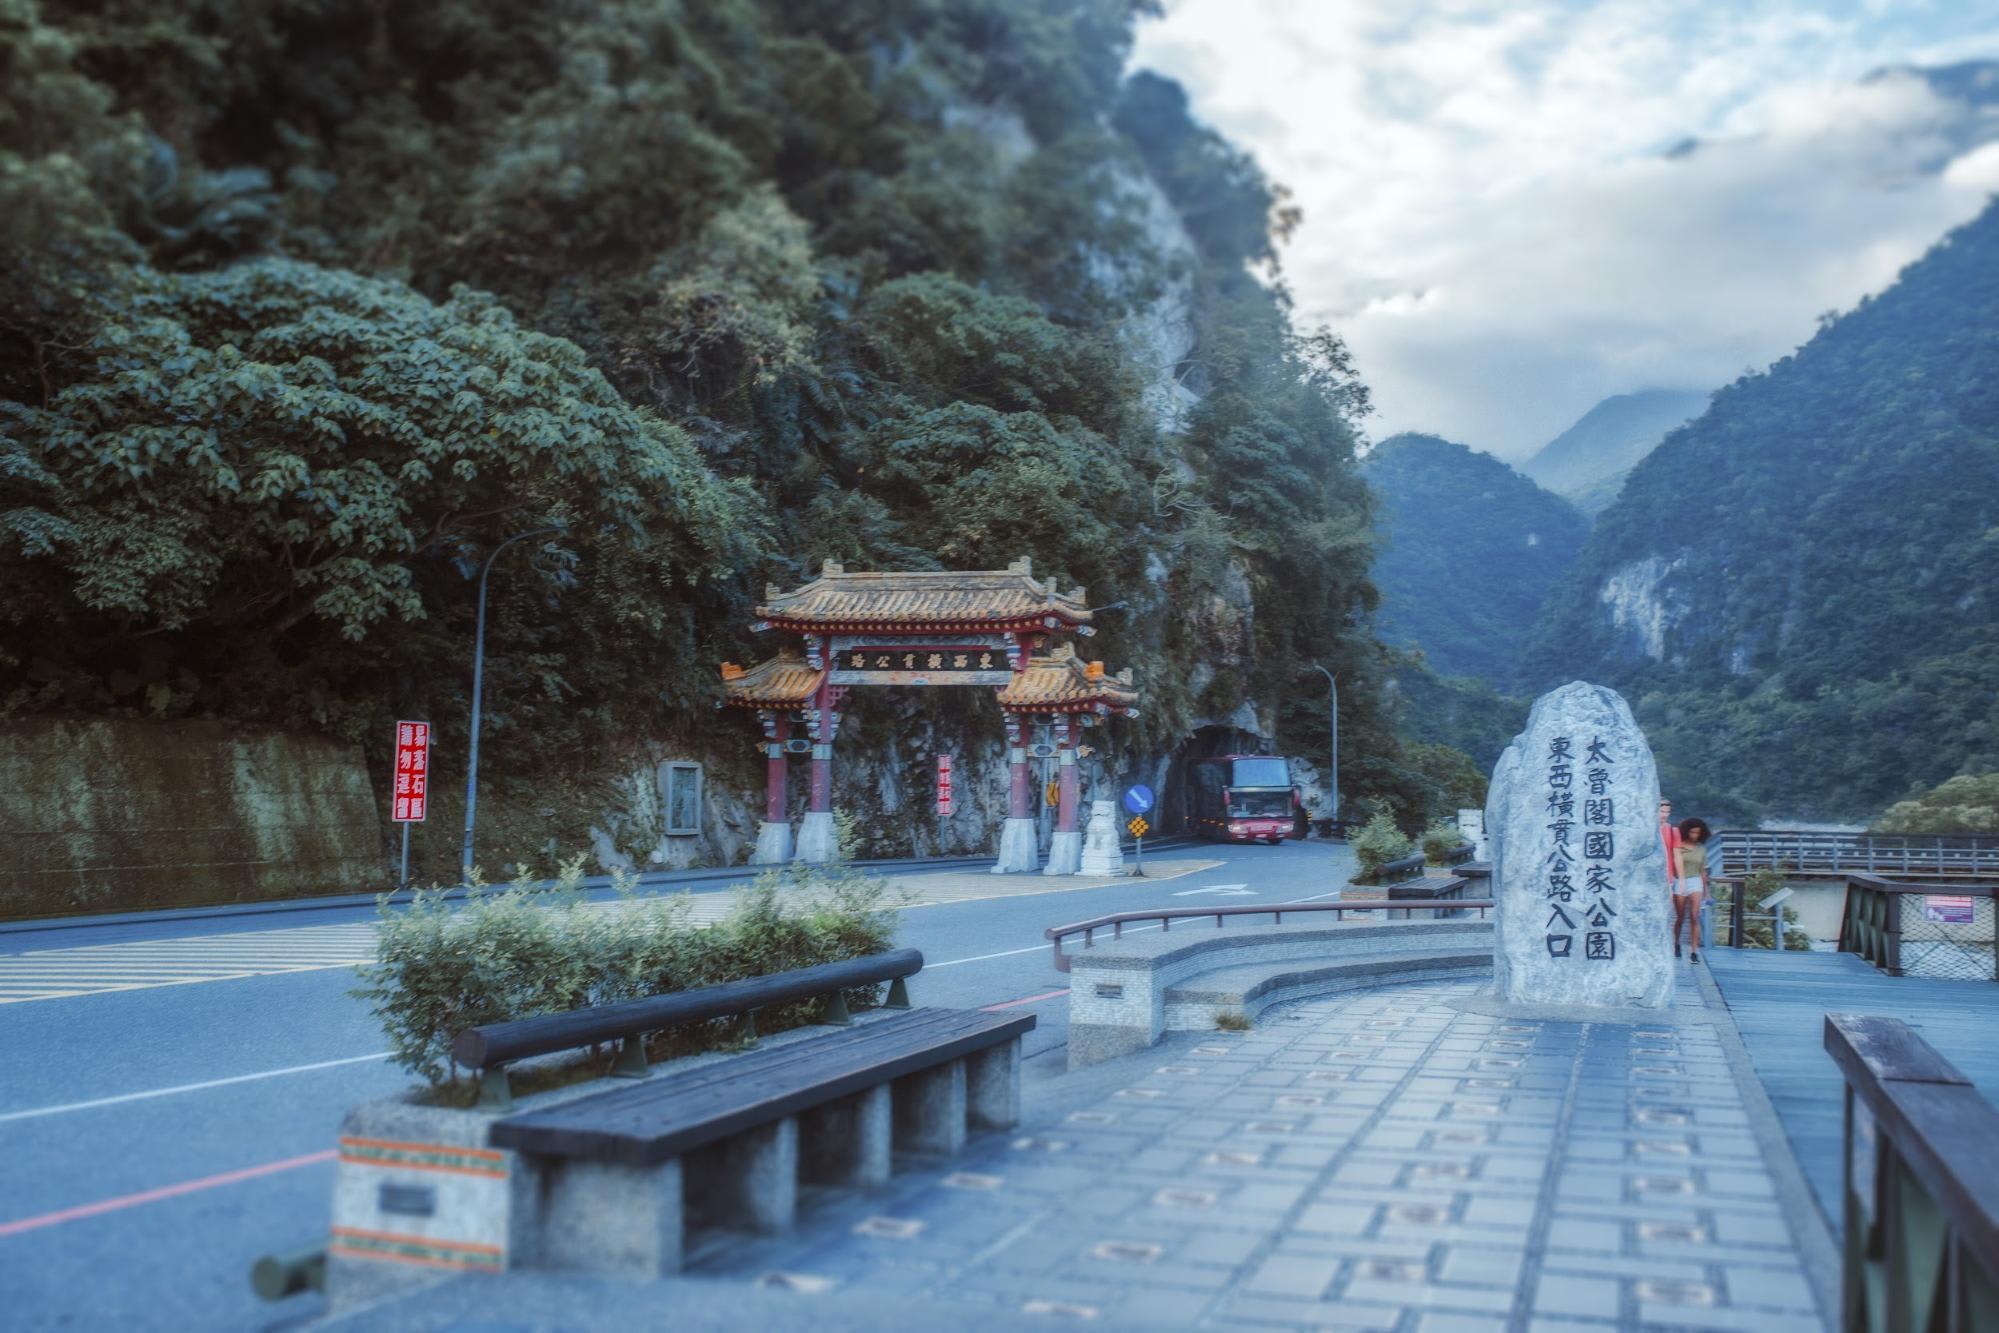 Chia sẻ lịch trình 5N4Đ khám phá Đài Bắc – Gia Nghĩa – Cao Hùng – Hoa Liên 6